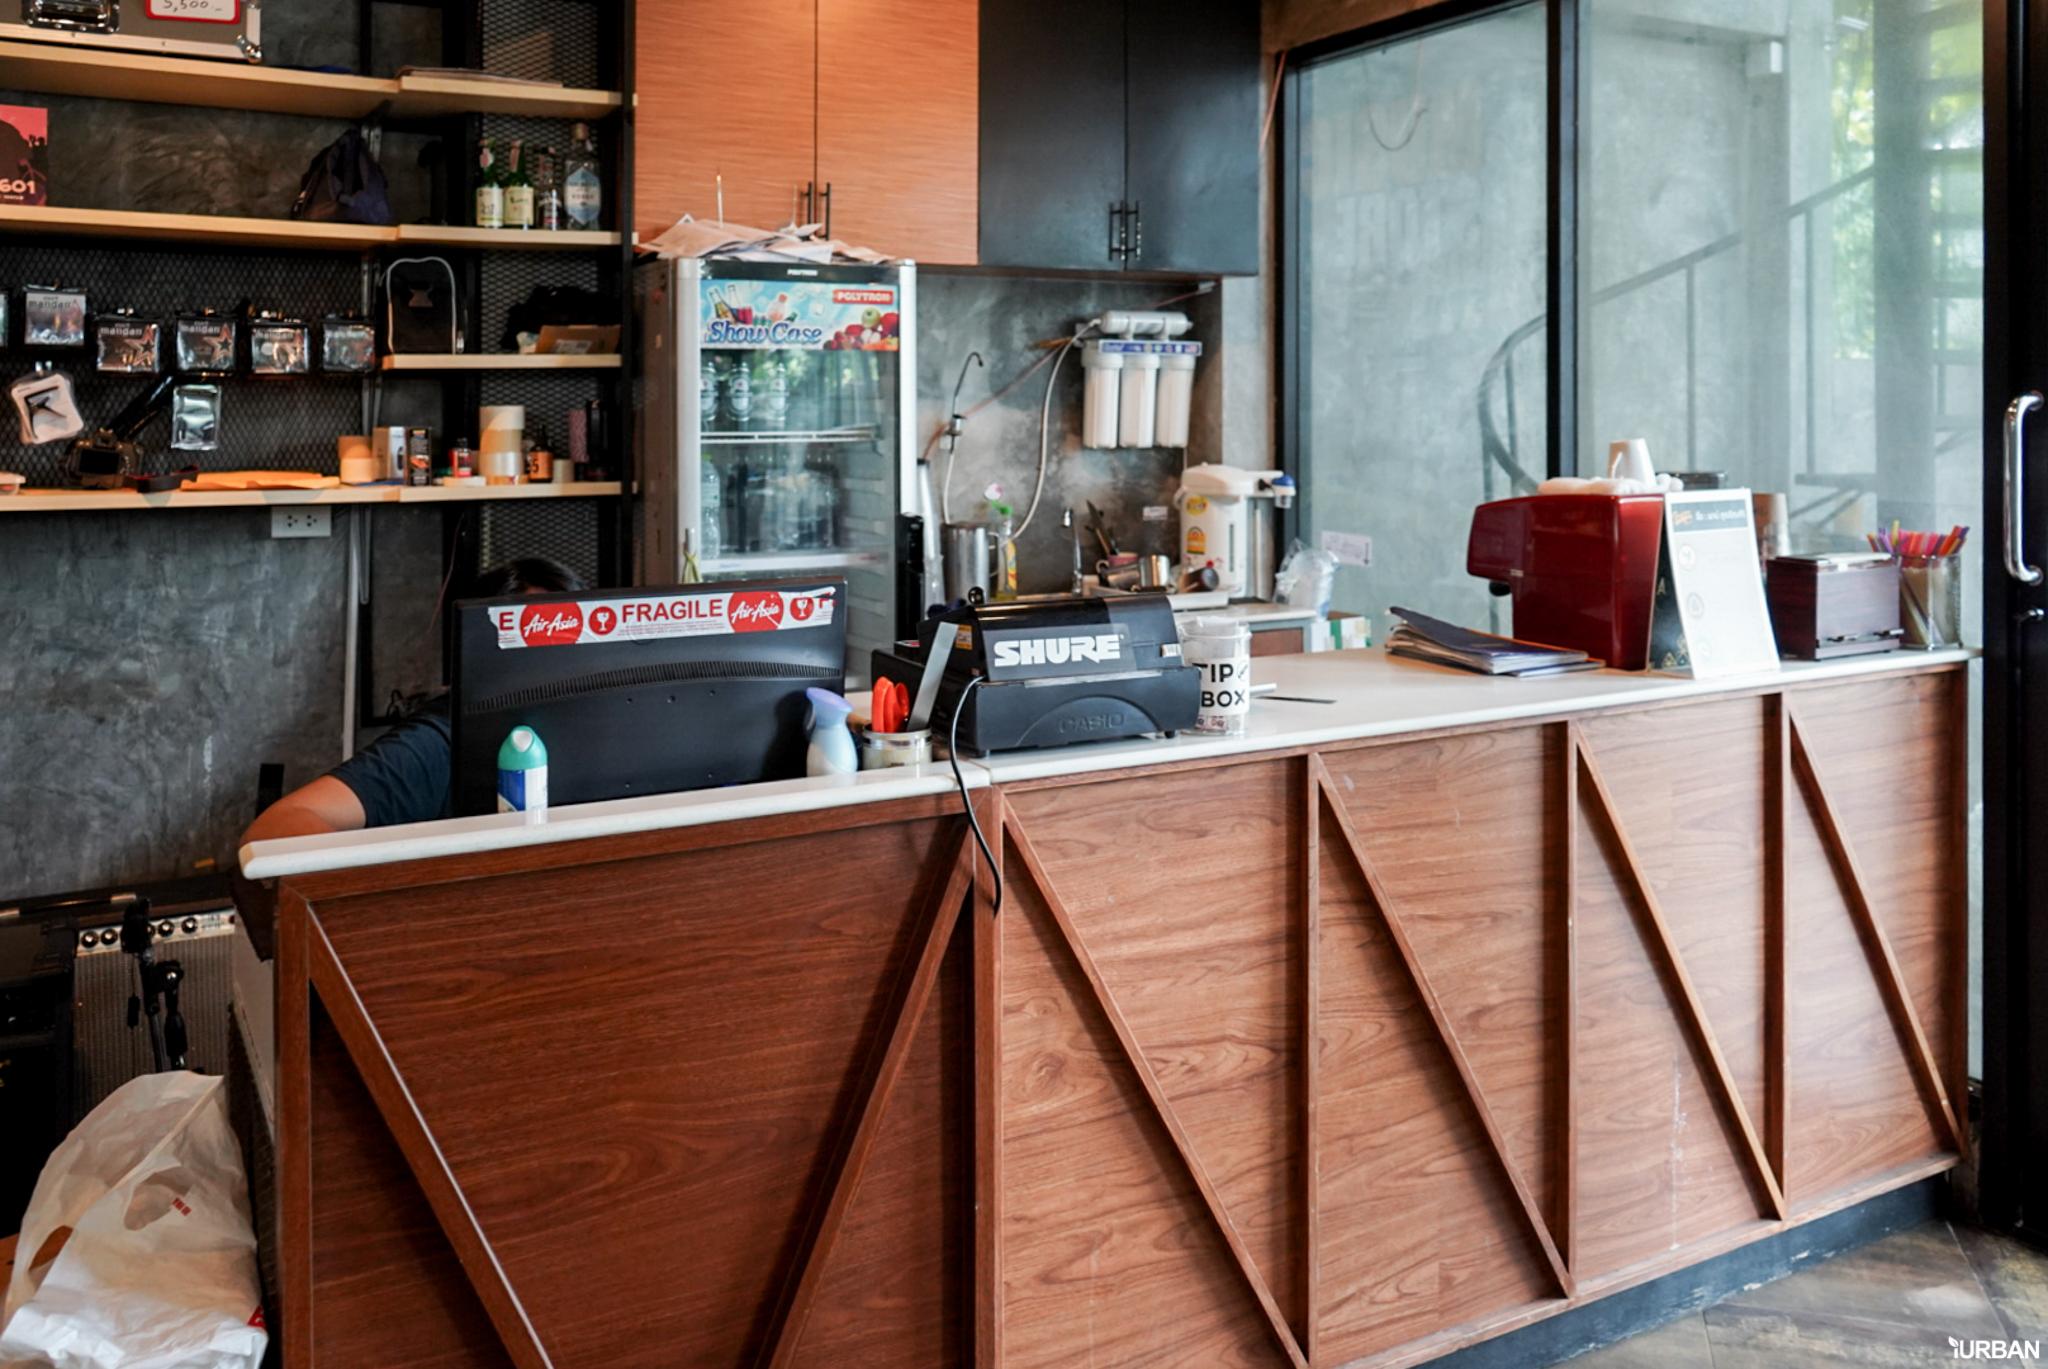 14 ร้านกาแฟ ม.เกษตร คาเฟ่สไตล์นักศึกษาและคนทำงาน + สำรวจ Co-Working Space ที่ KENSINGTON KASET CAMPUS (เคนซิงตัน เกษตร แคมปัส) 43 - cafe